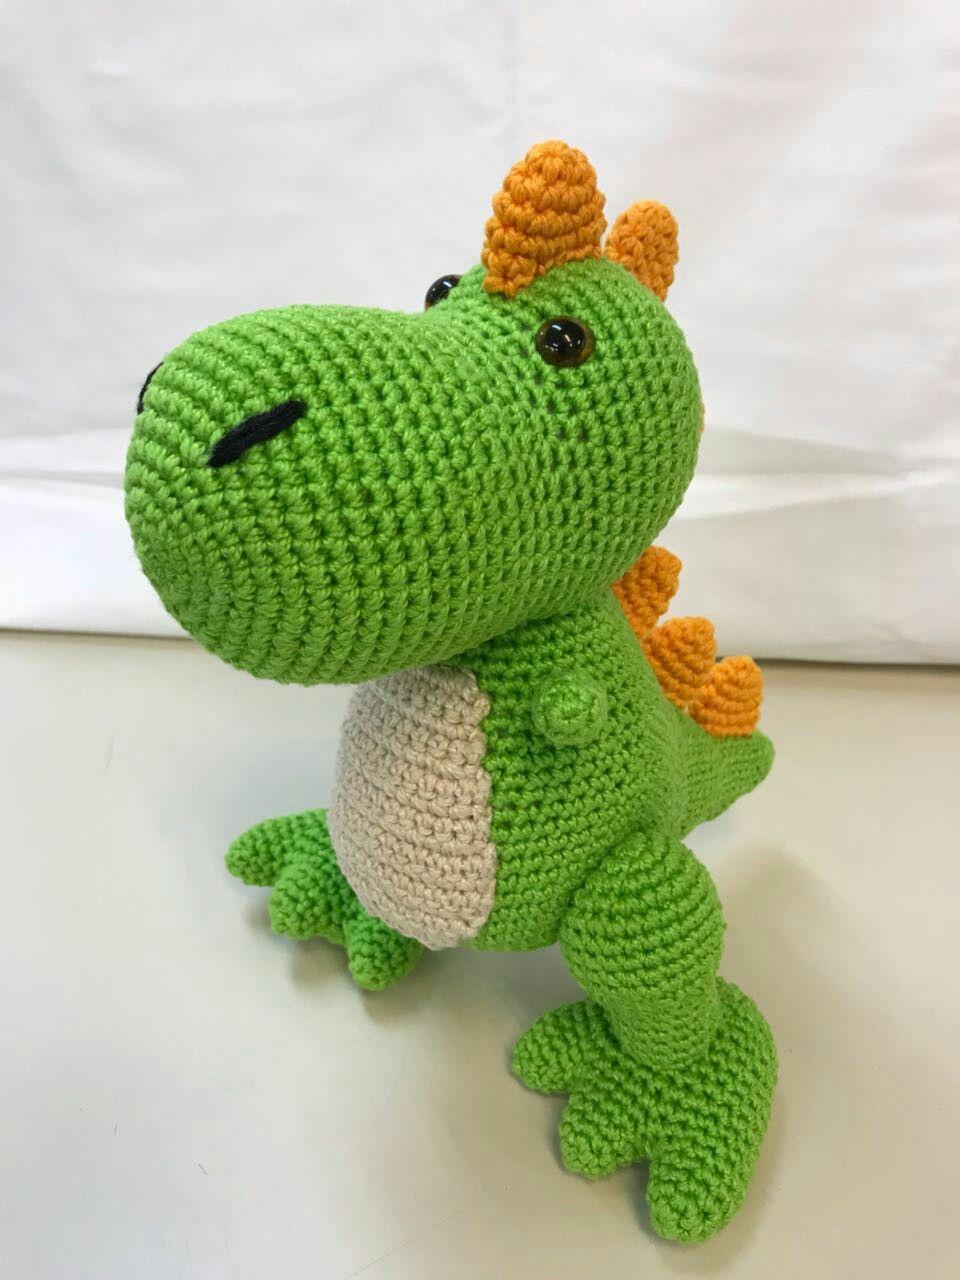 38 Receitas Amigurumi Dinossauro Em Português - R$ 63,93 em Mercado Livre   1280x960